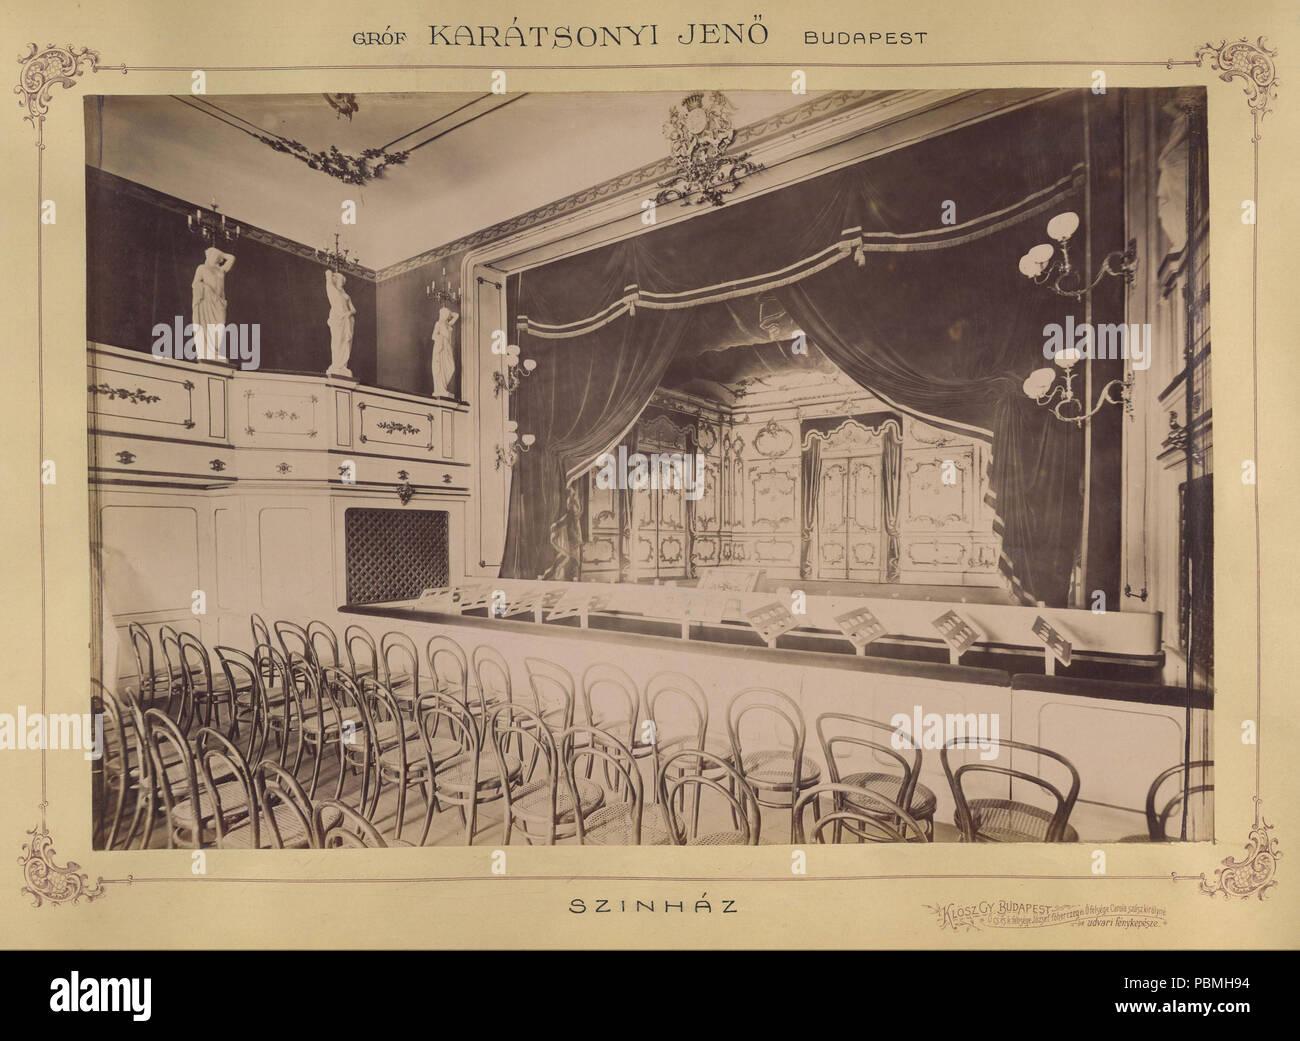 868 Krisztina körút 55., a Karátsonyi-palota (lebontották) színházterme. A felvétel 1895-1899 között készült. A kép Fortepan - Budapest Főváros Levéltára. Levéltári jelzet- HU.BFL.XV.19.d.1.11.078 Fortepan 83170 - Stock Image